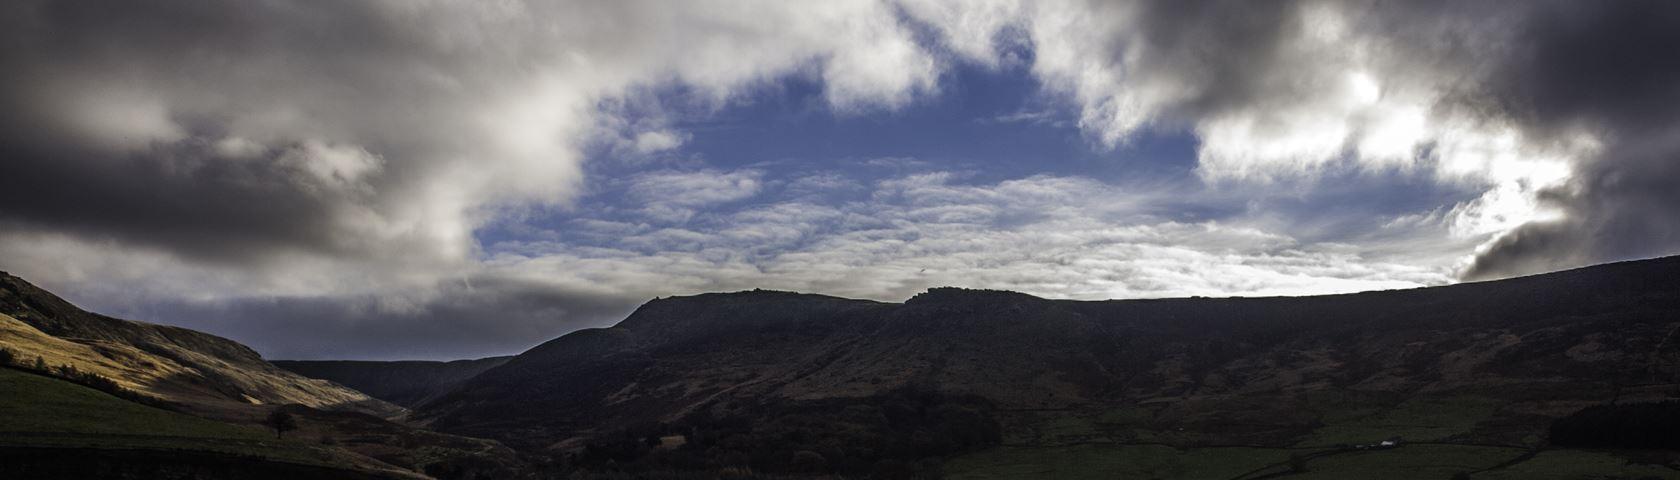 Dovestone Clouds